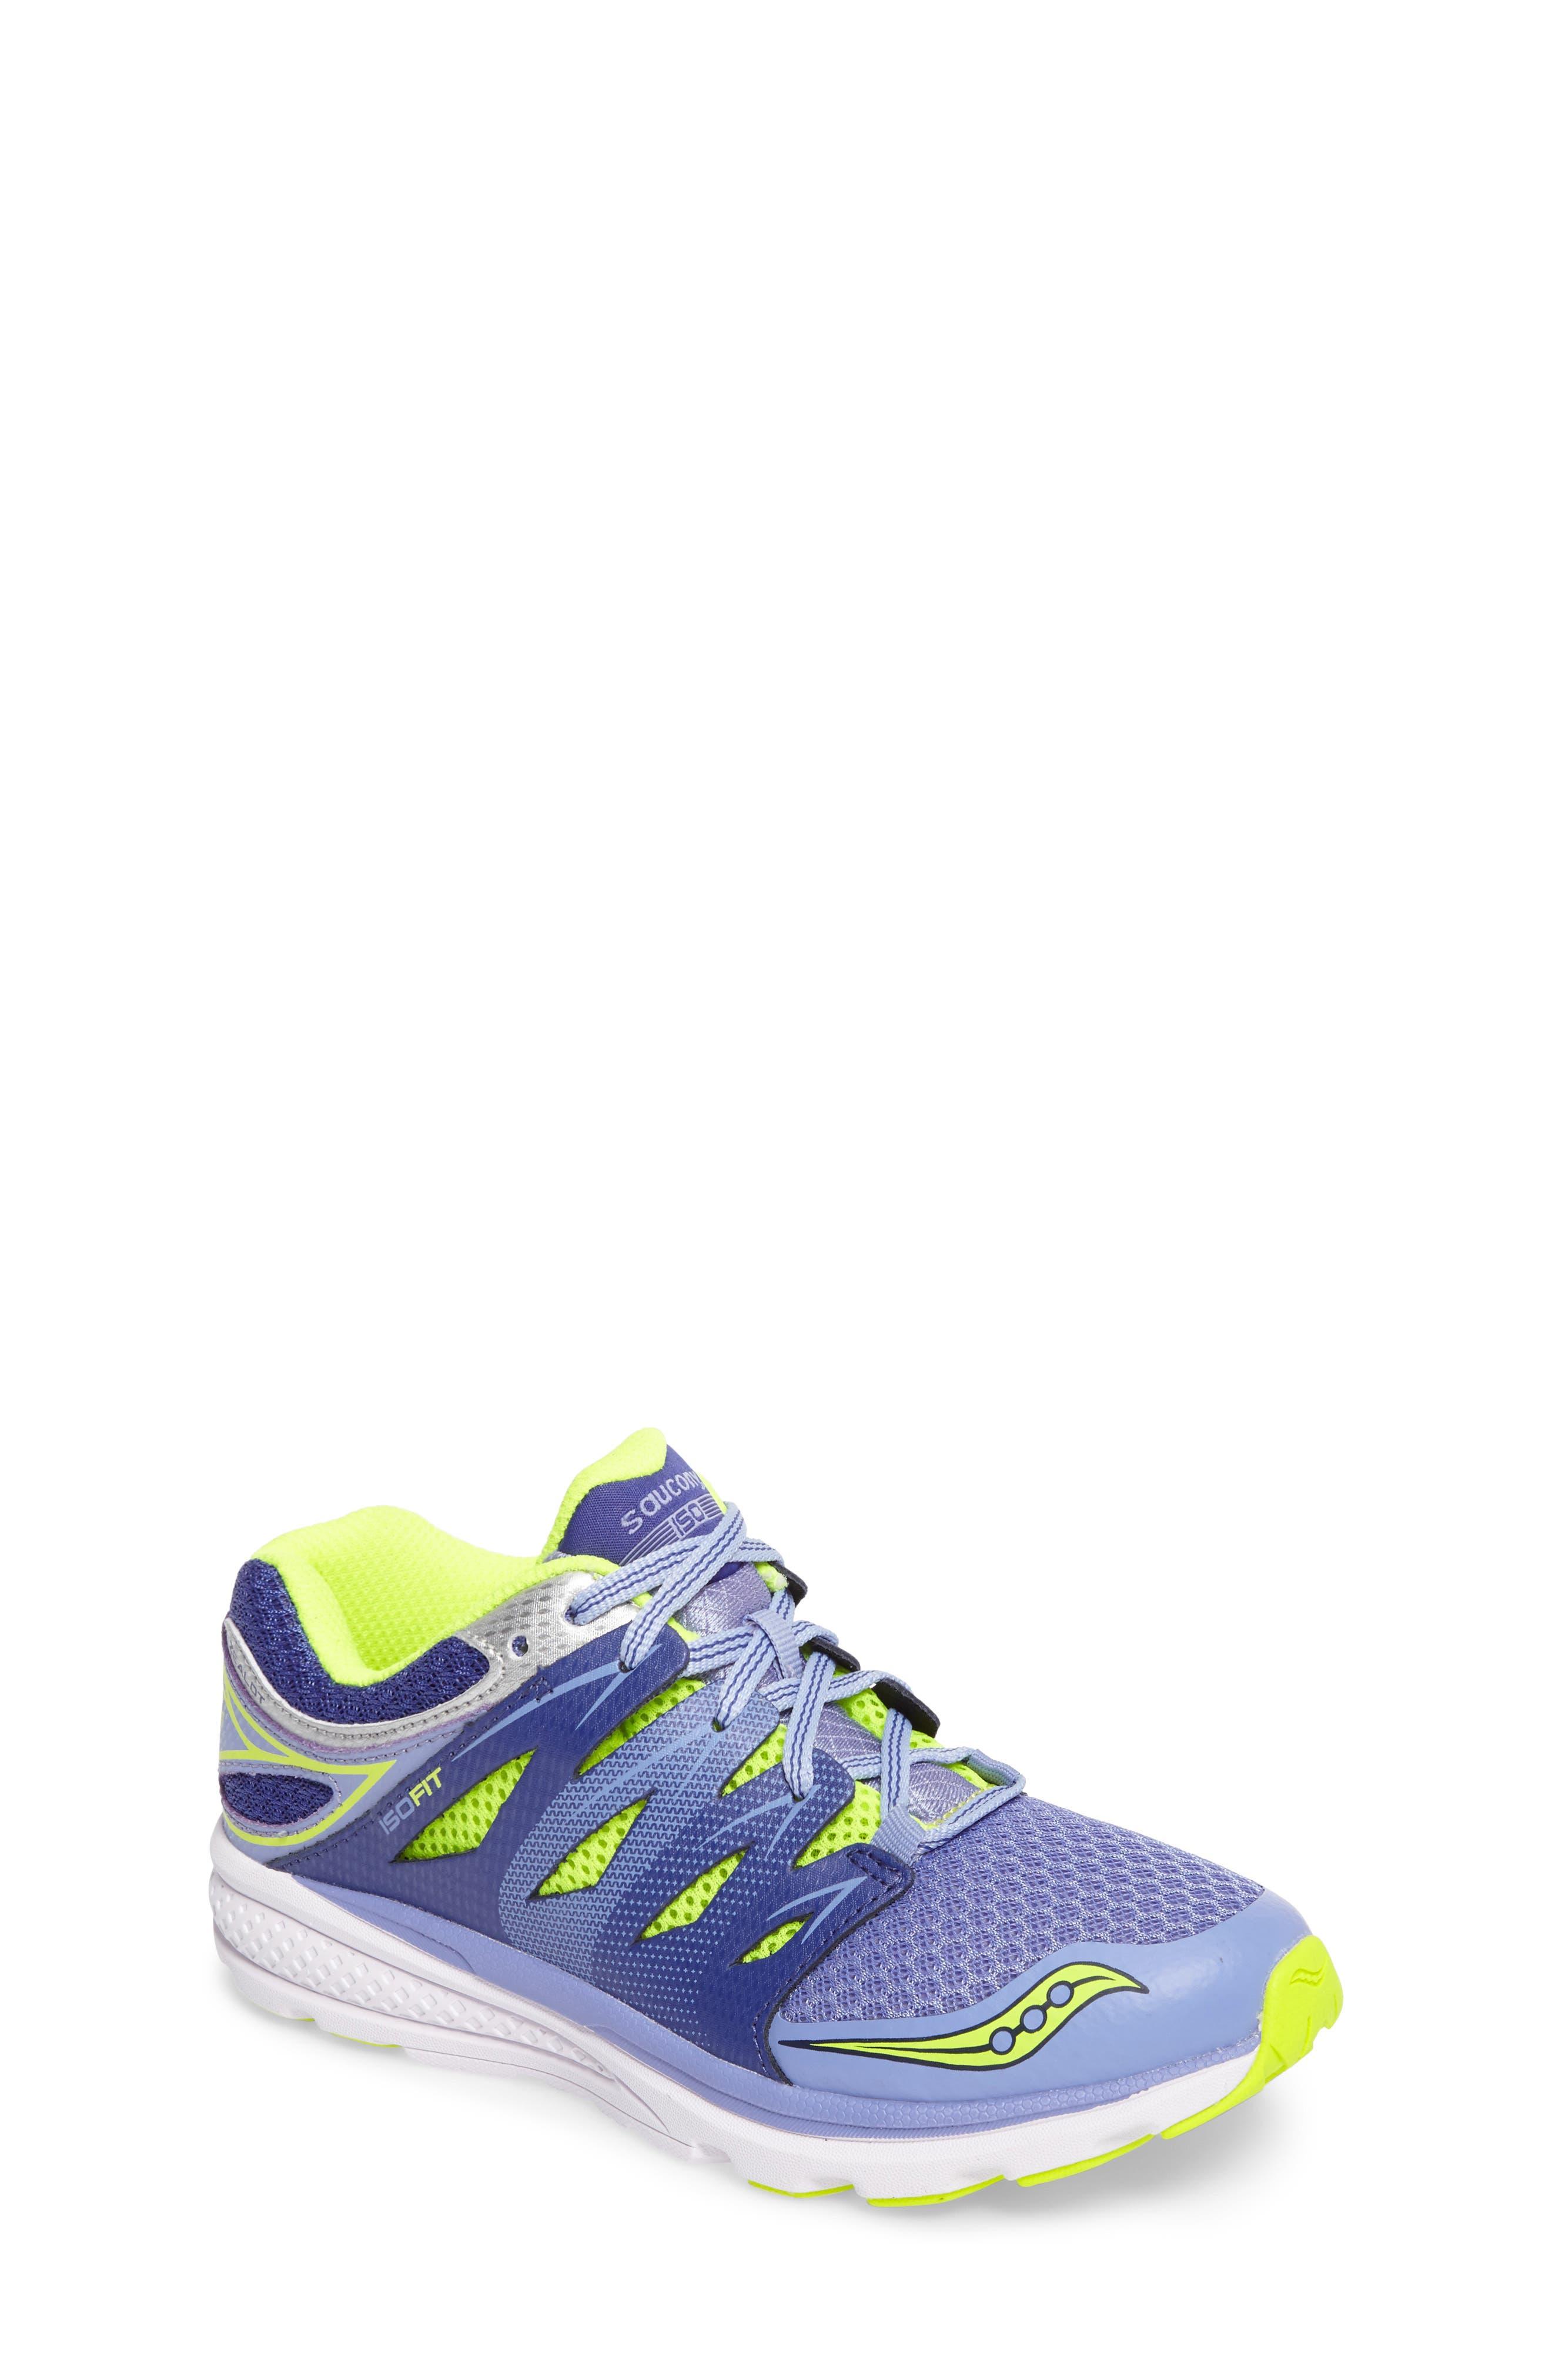 'Zealot 2' Athletic Shoe,                             Main thumbnail 1, color,                             Purple/ Blue